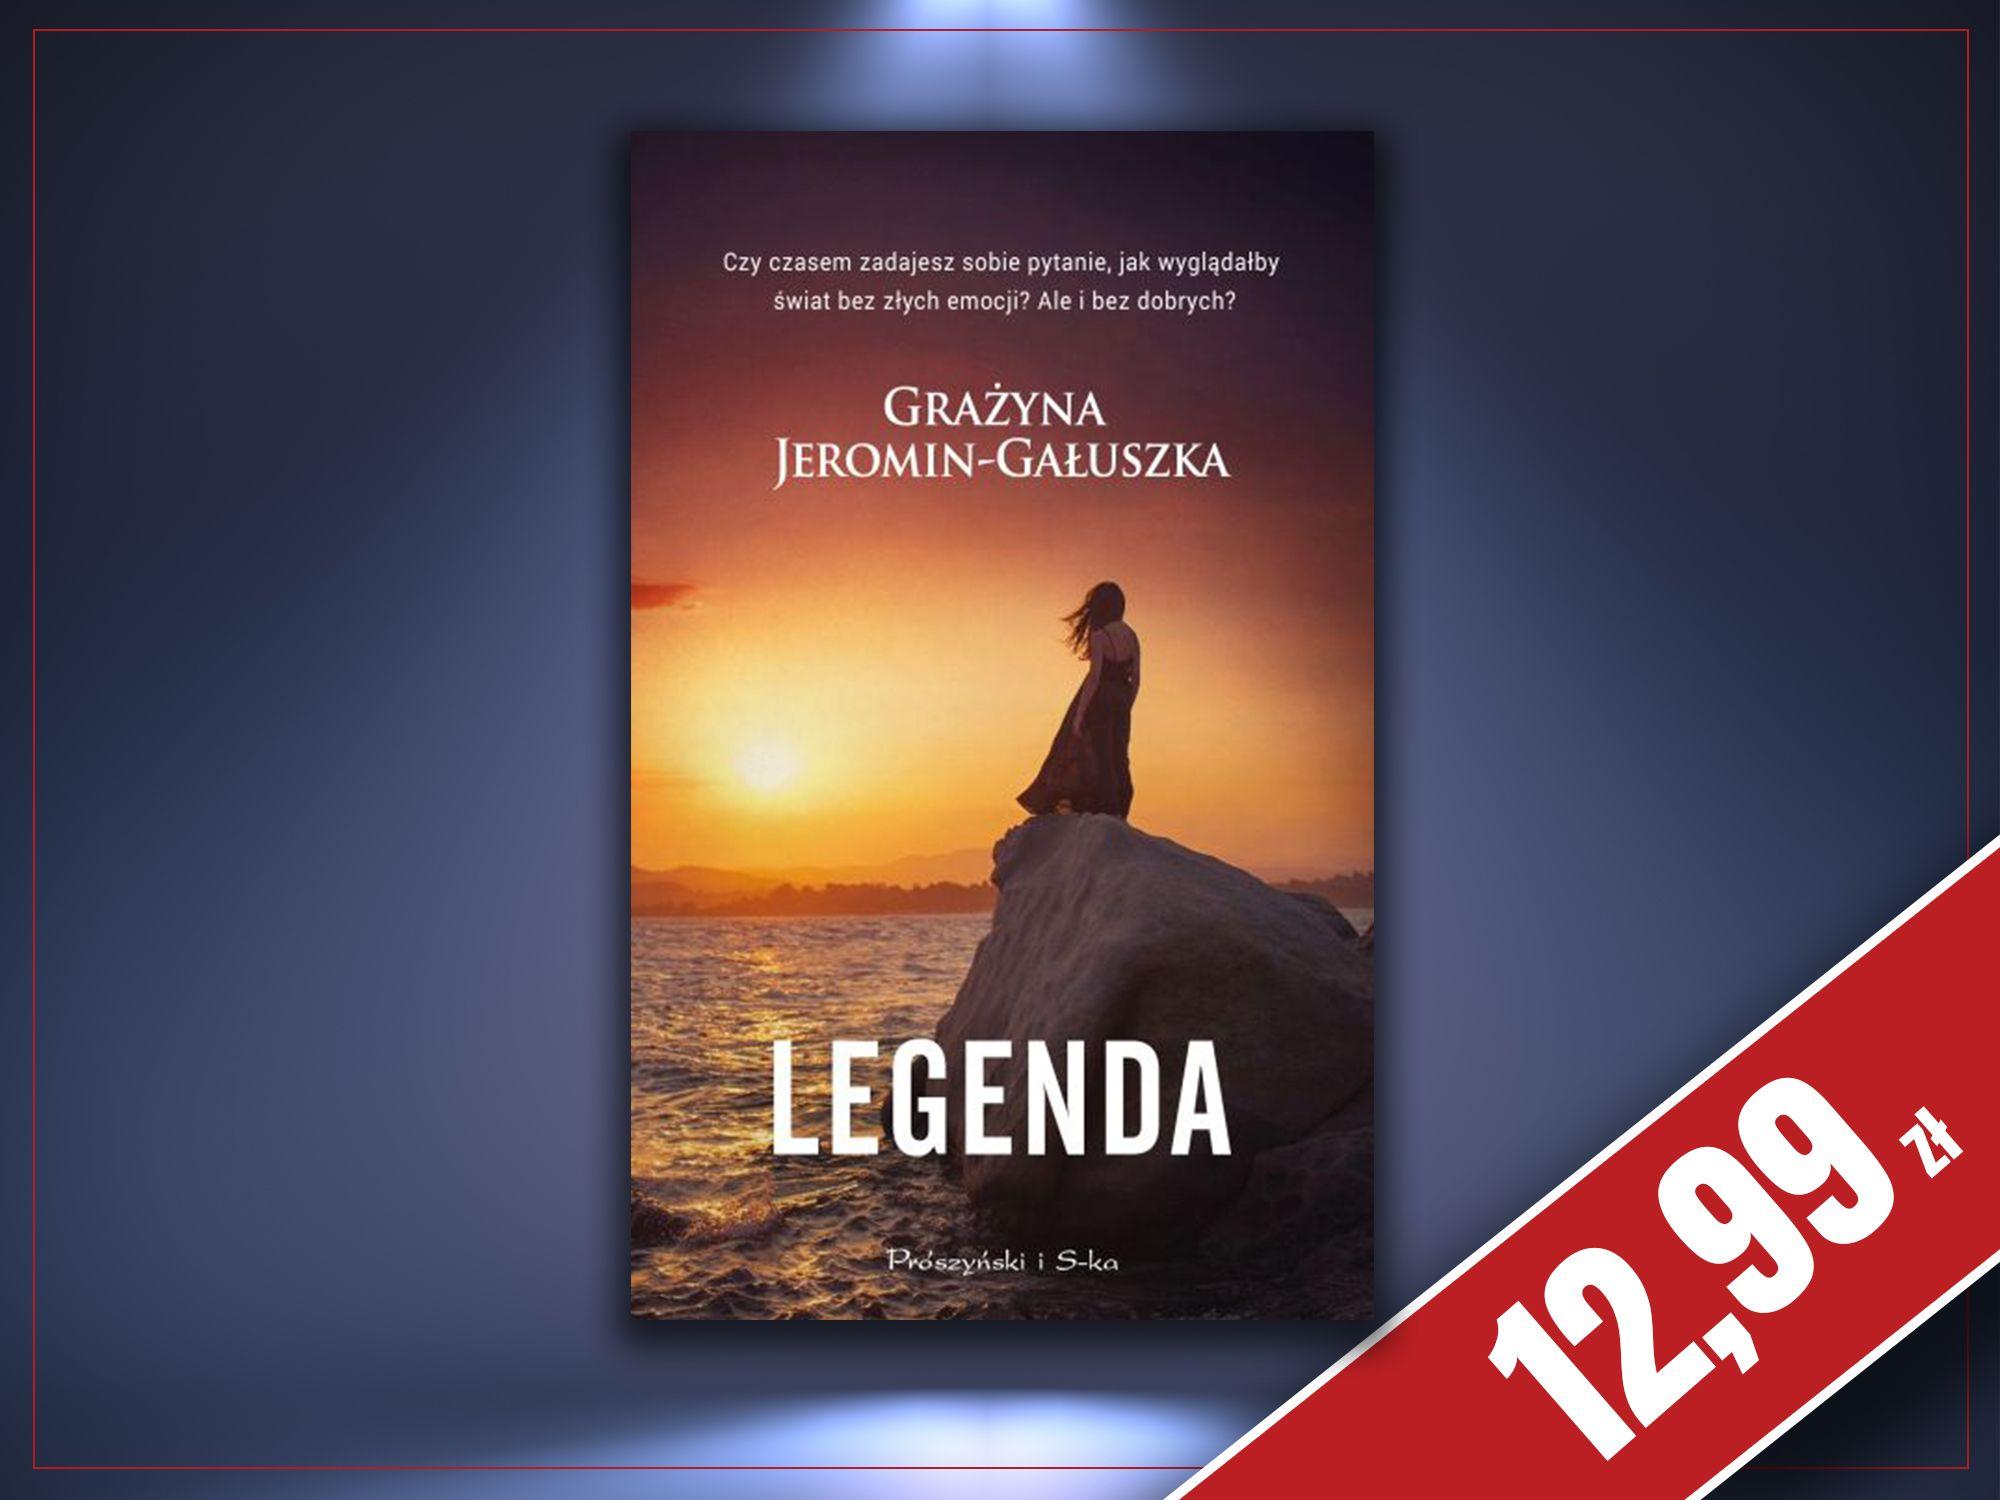 Legenda, Grażyna Jeromin-Gałuszka